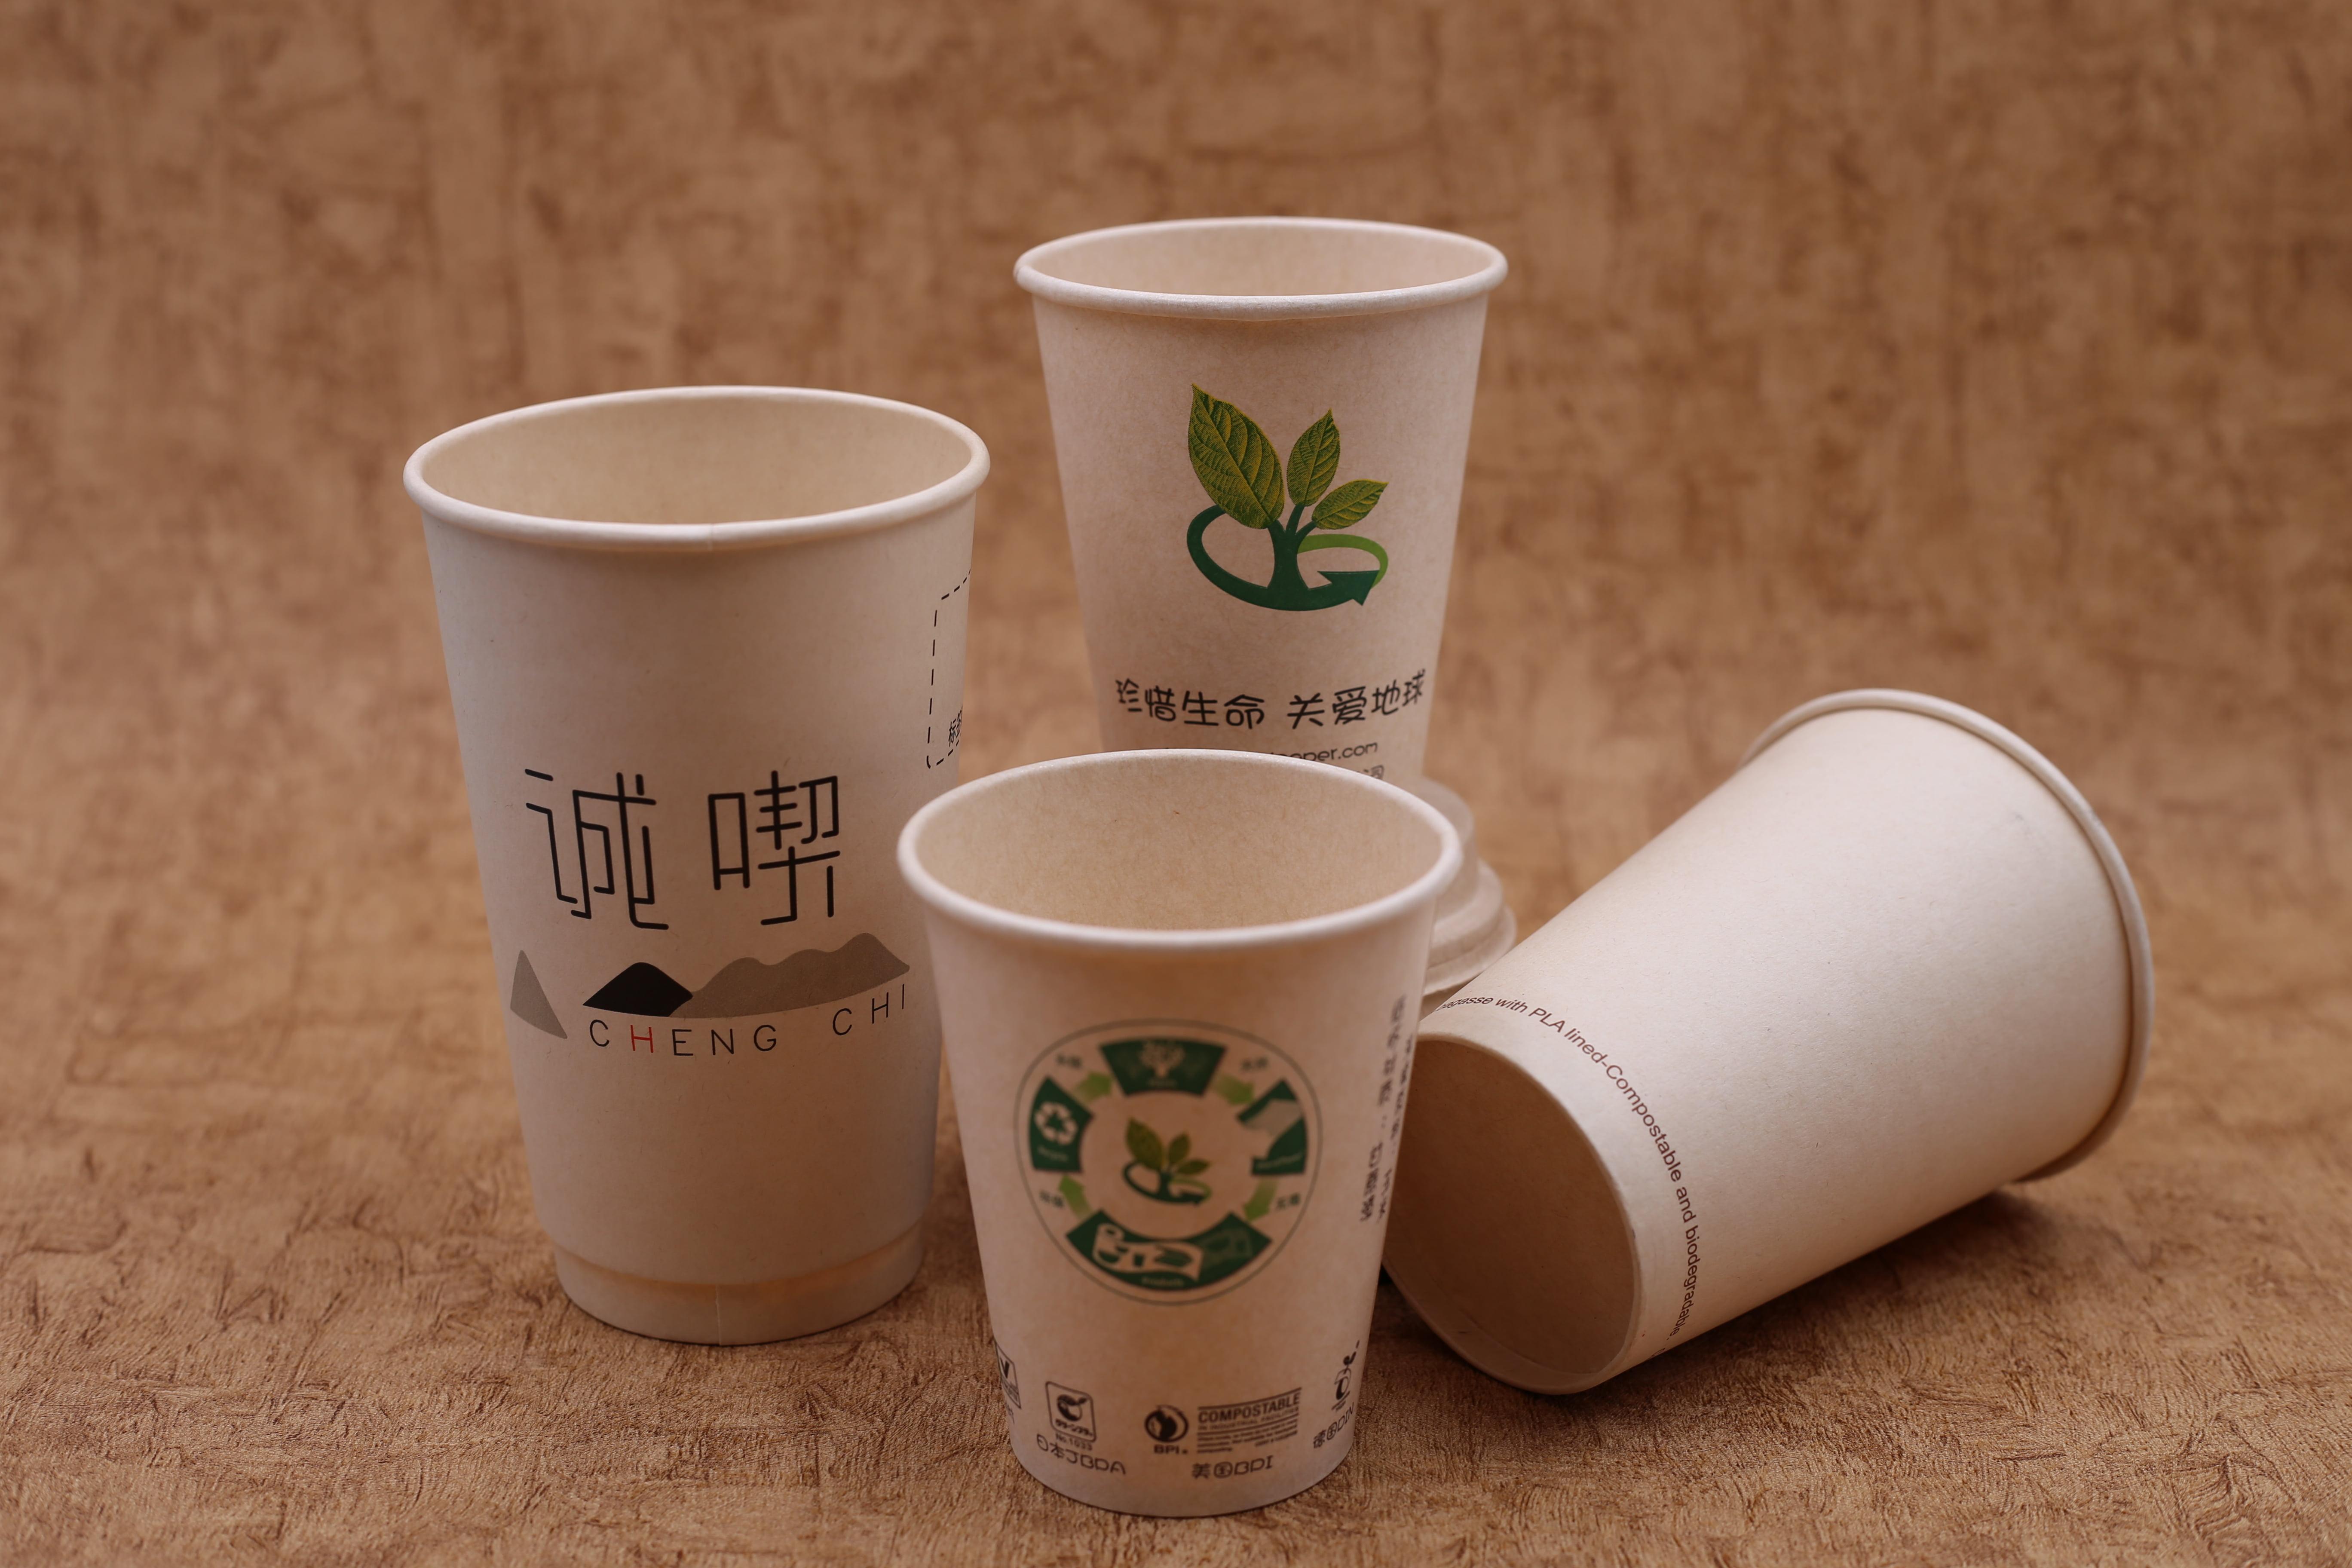 PLA環保蔗渣杯